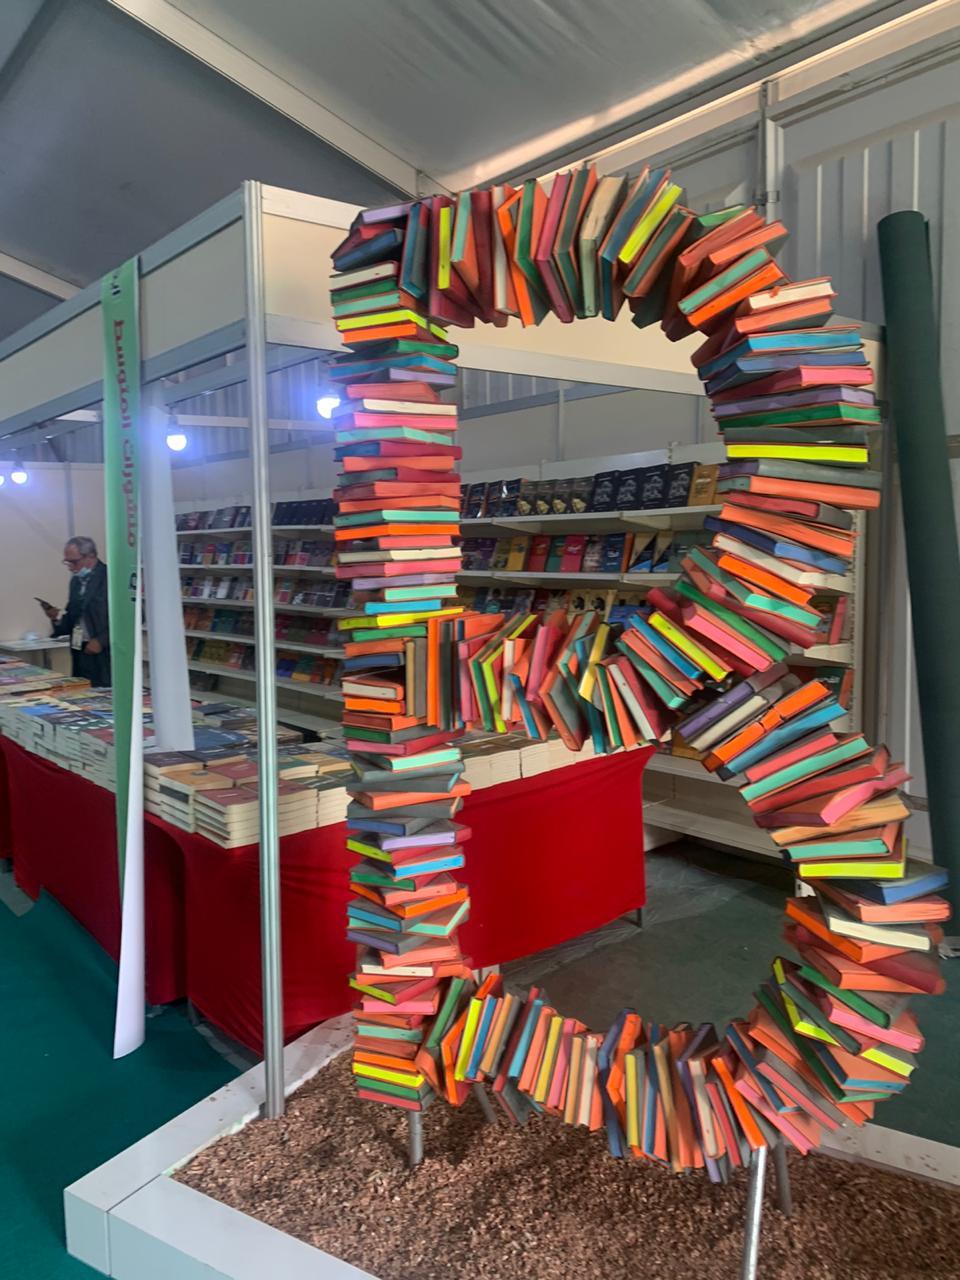 وزير التجارة يعلن جاهزية معرض بغداد الدولي لاستقبال فعاليات معرض العراق الدولي للكتاب